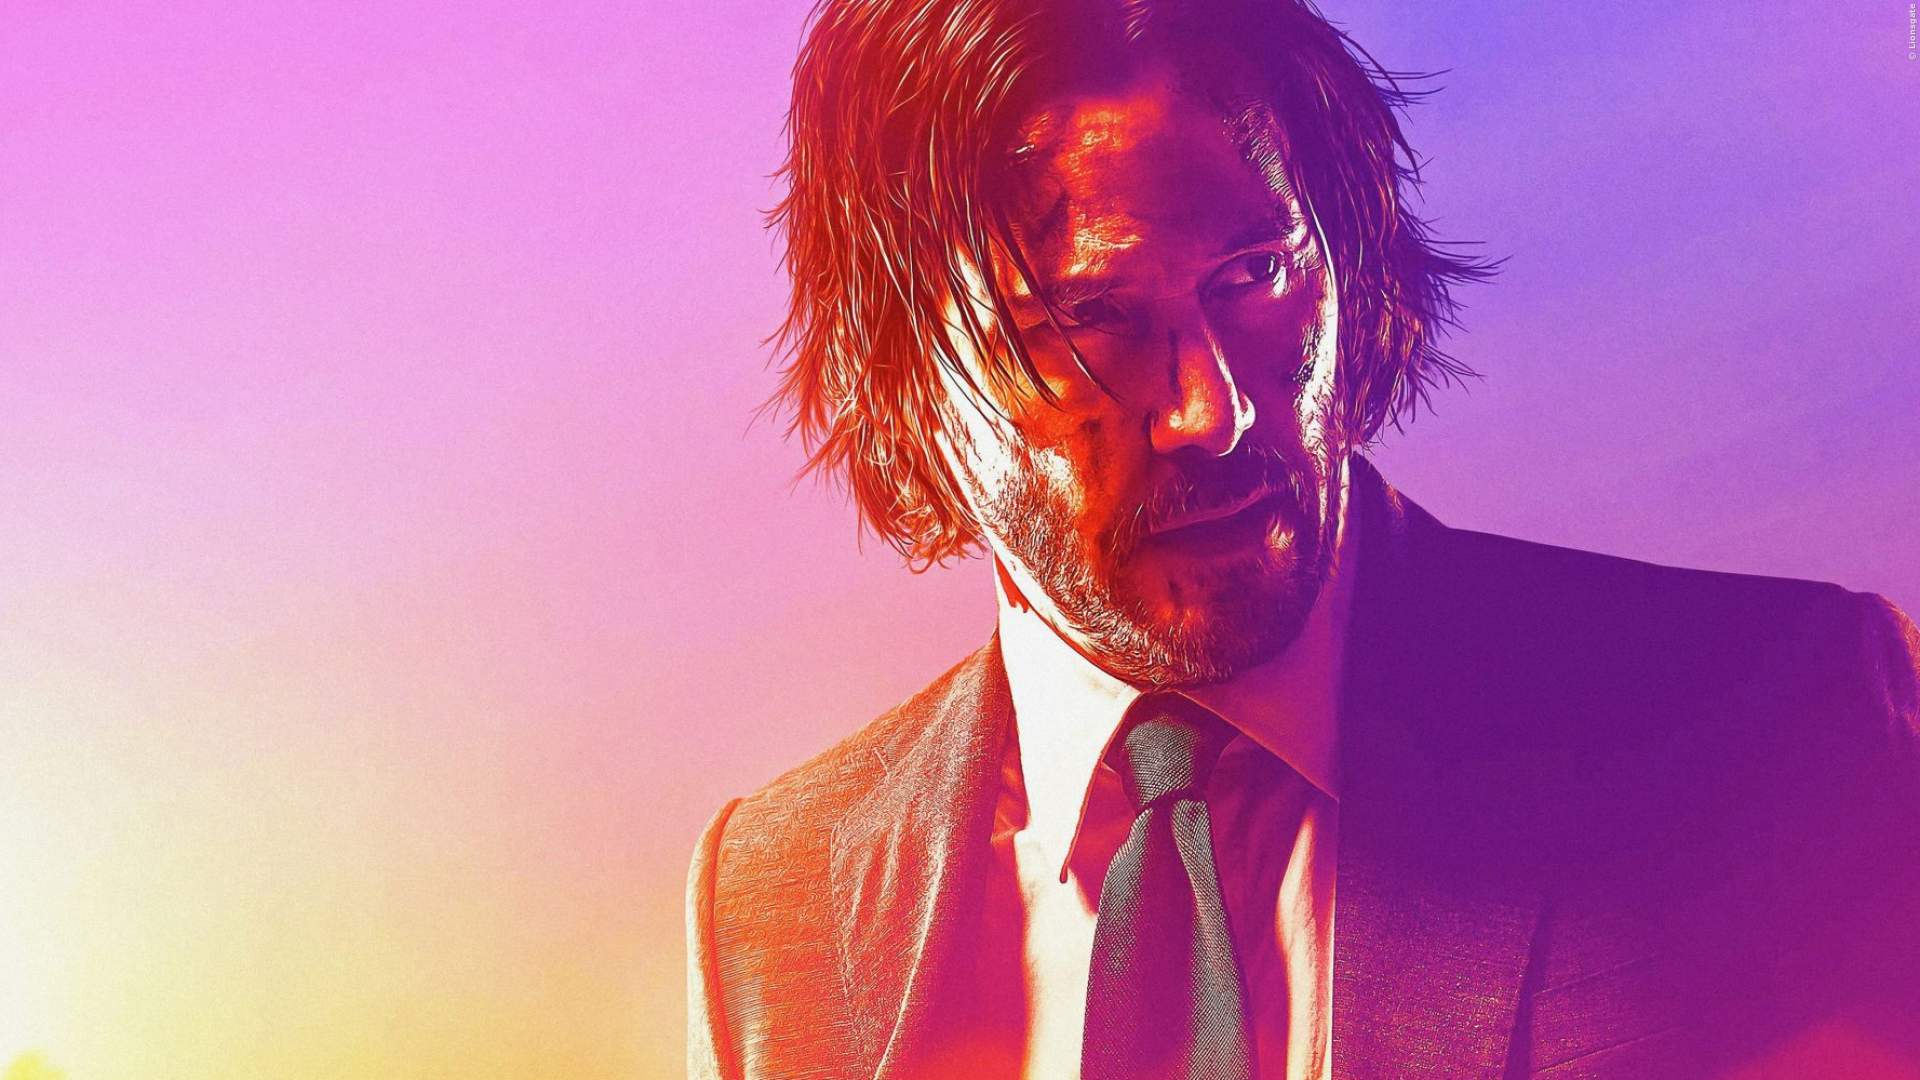 SUPER: Wird Keanu Reeves sowas wie der neue 'Iron Man' bei Marvel?